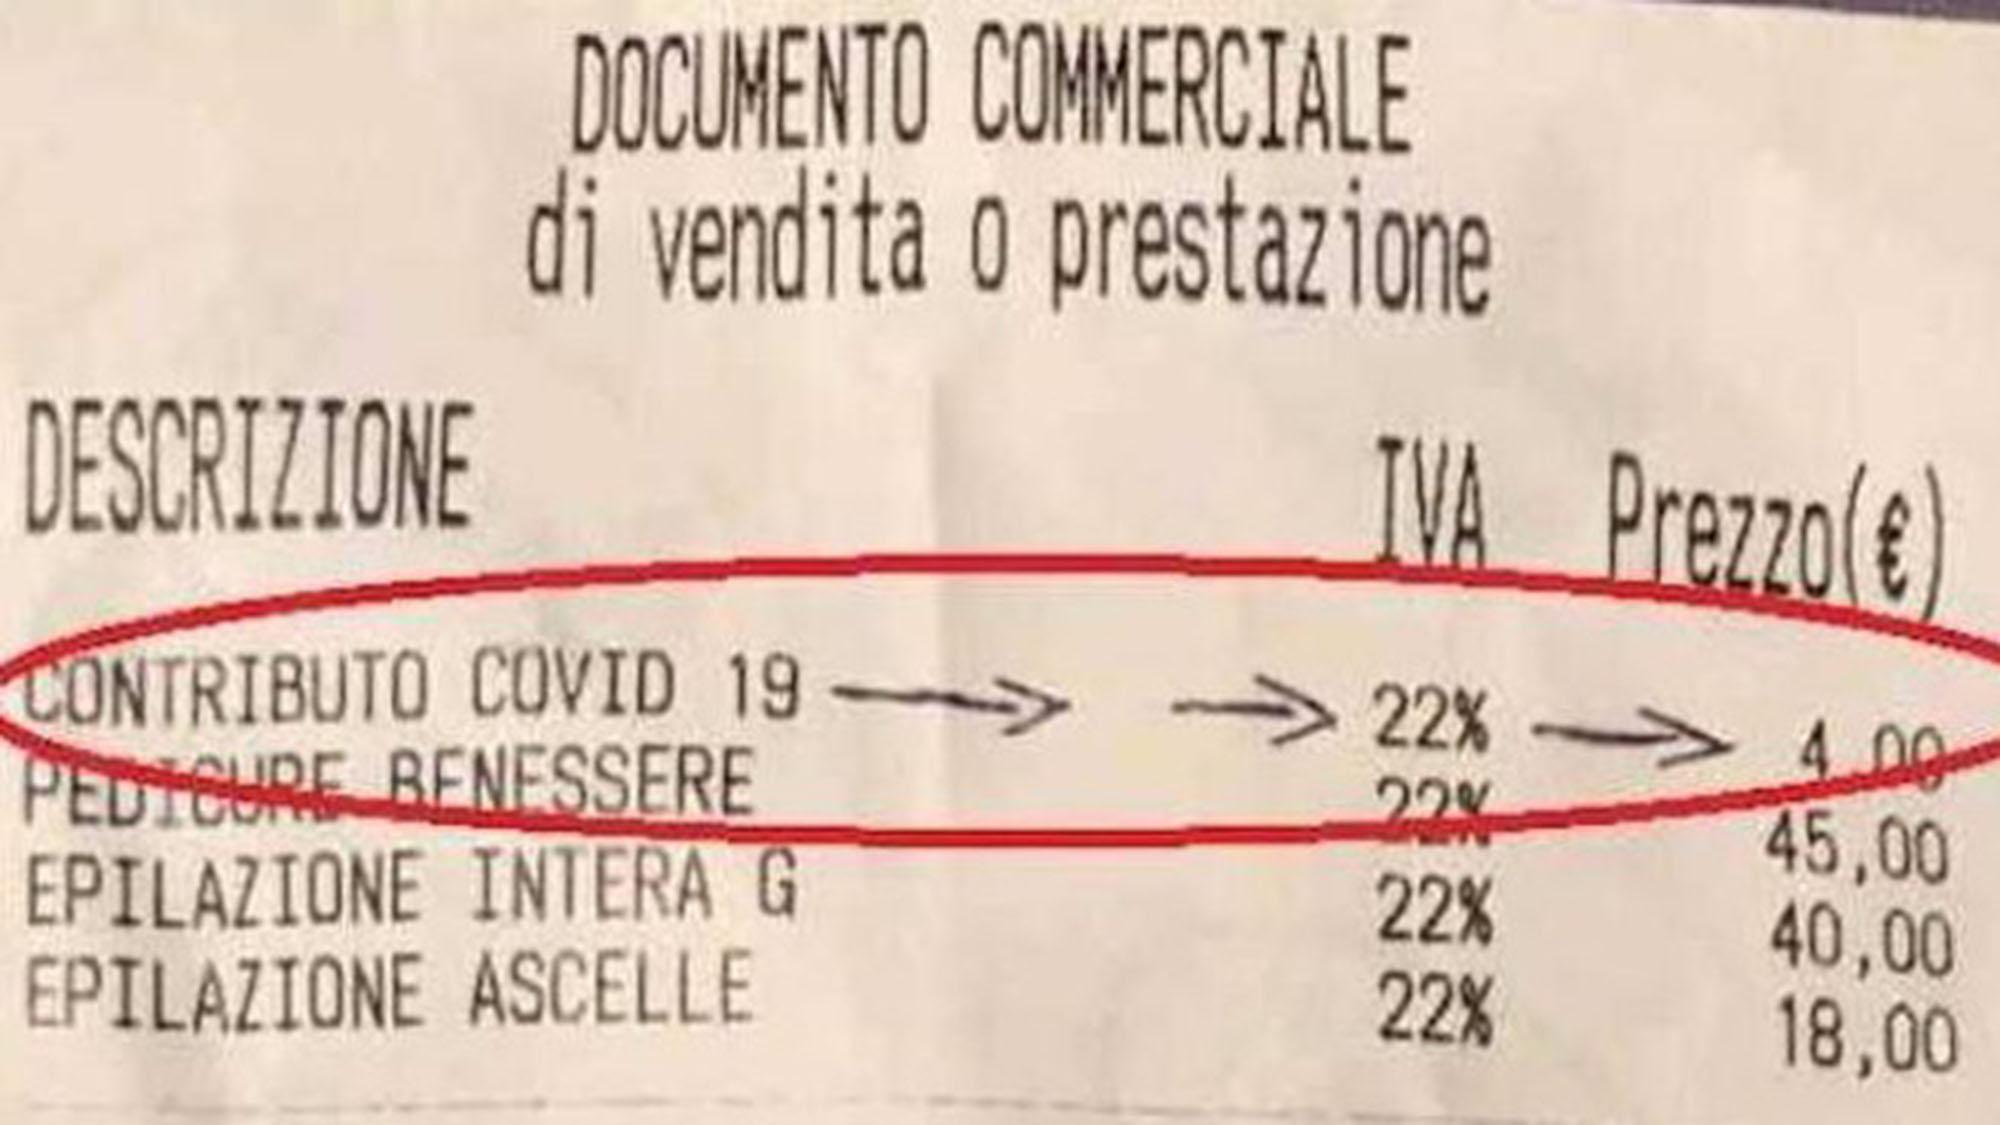 La tassa Covid: nessuno dice che ce la fanno pagare per ciò che già dovrebbero fare